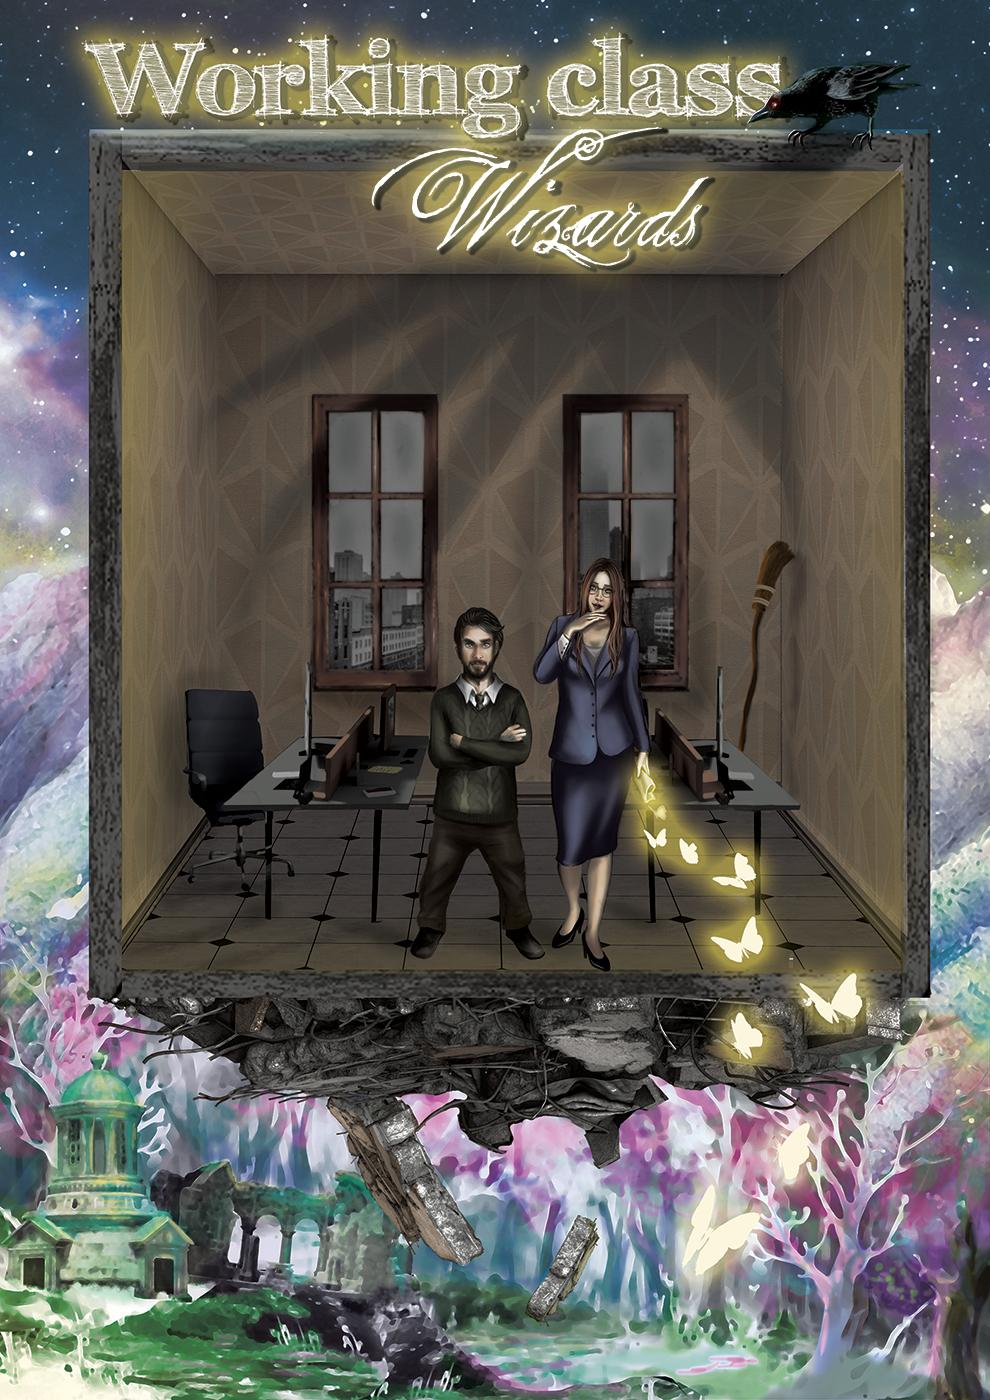 Working-class-wizards990x1400.jpg